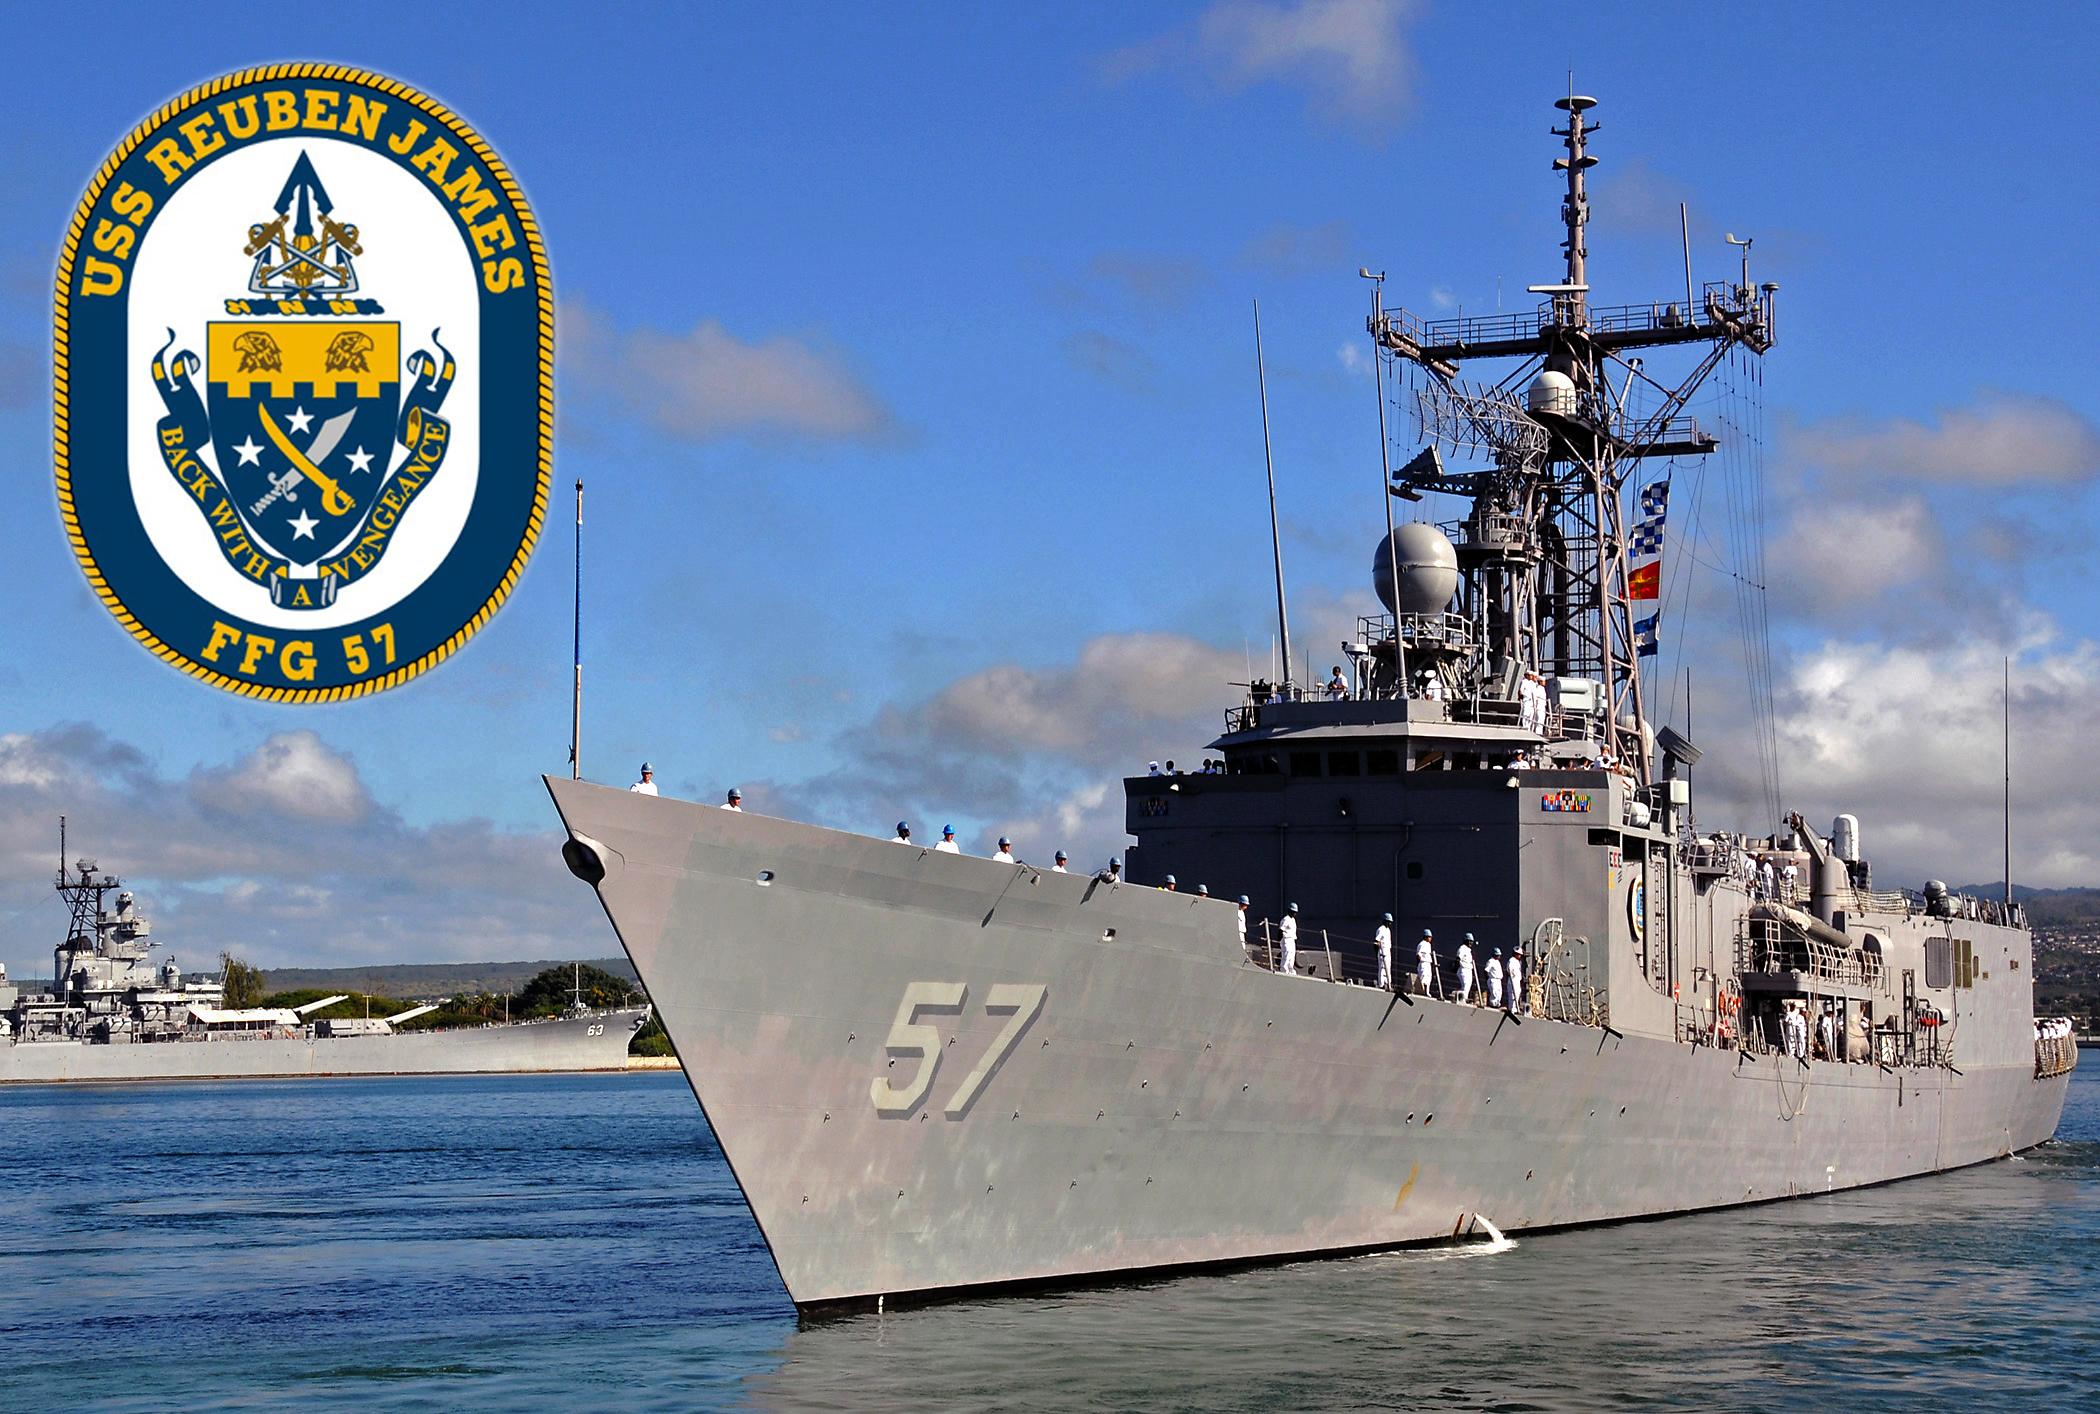 USS REUBEN JAMES FFG-57Bild: U.S. Navy